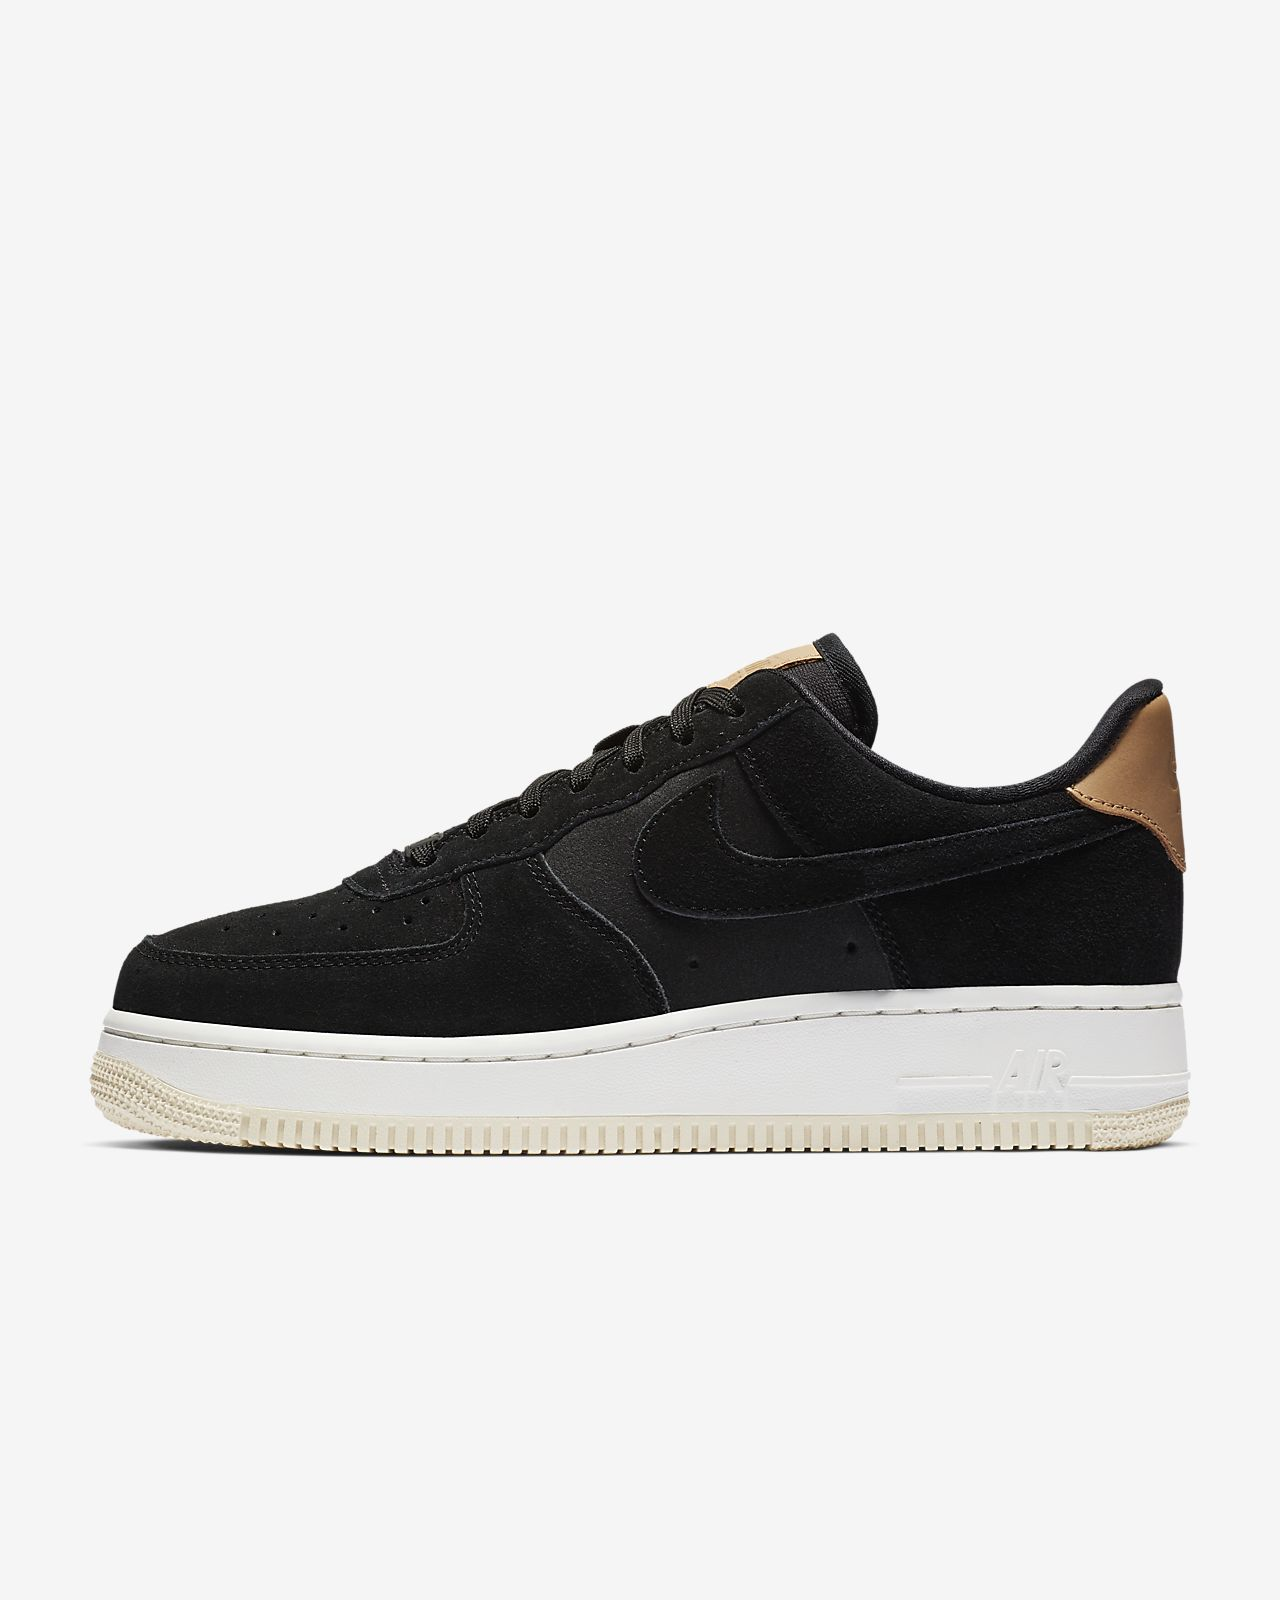 e3442cf3abf93 Calzado para mujer Nike Air Force 1  07 SE Premium. Nike.com MX